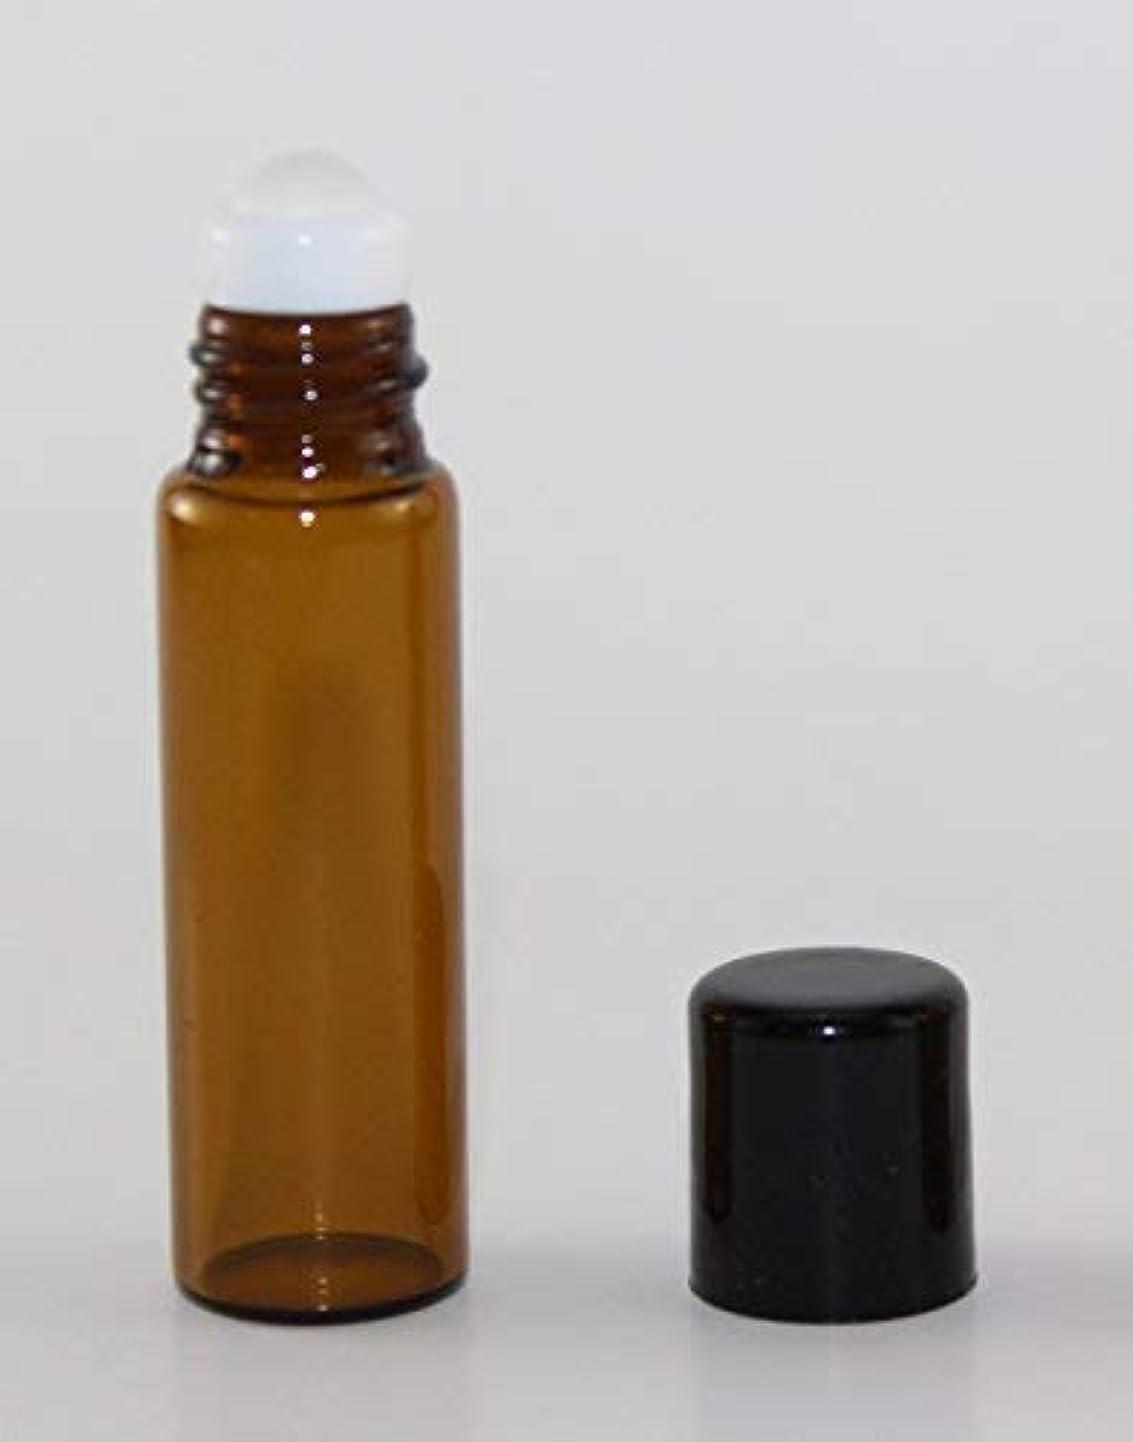 考古学低い着服USA 72 Amber Glass 5 ml Roll-On Glass Bottles with GLASS Roller Roll On Balls - Refillable Aromatherapy Essential...